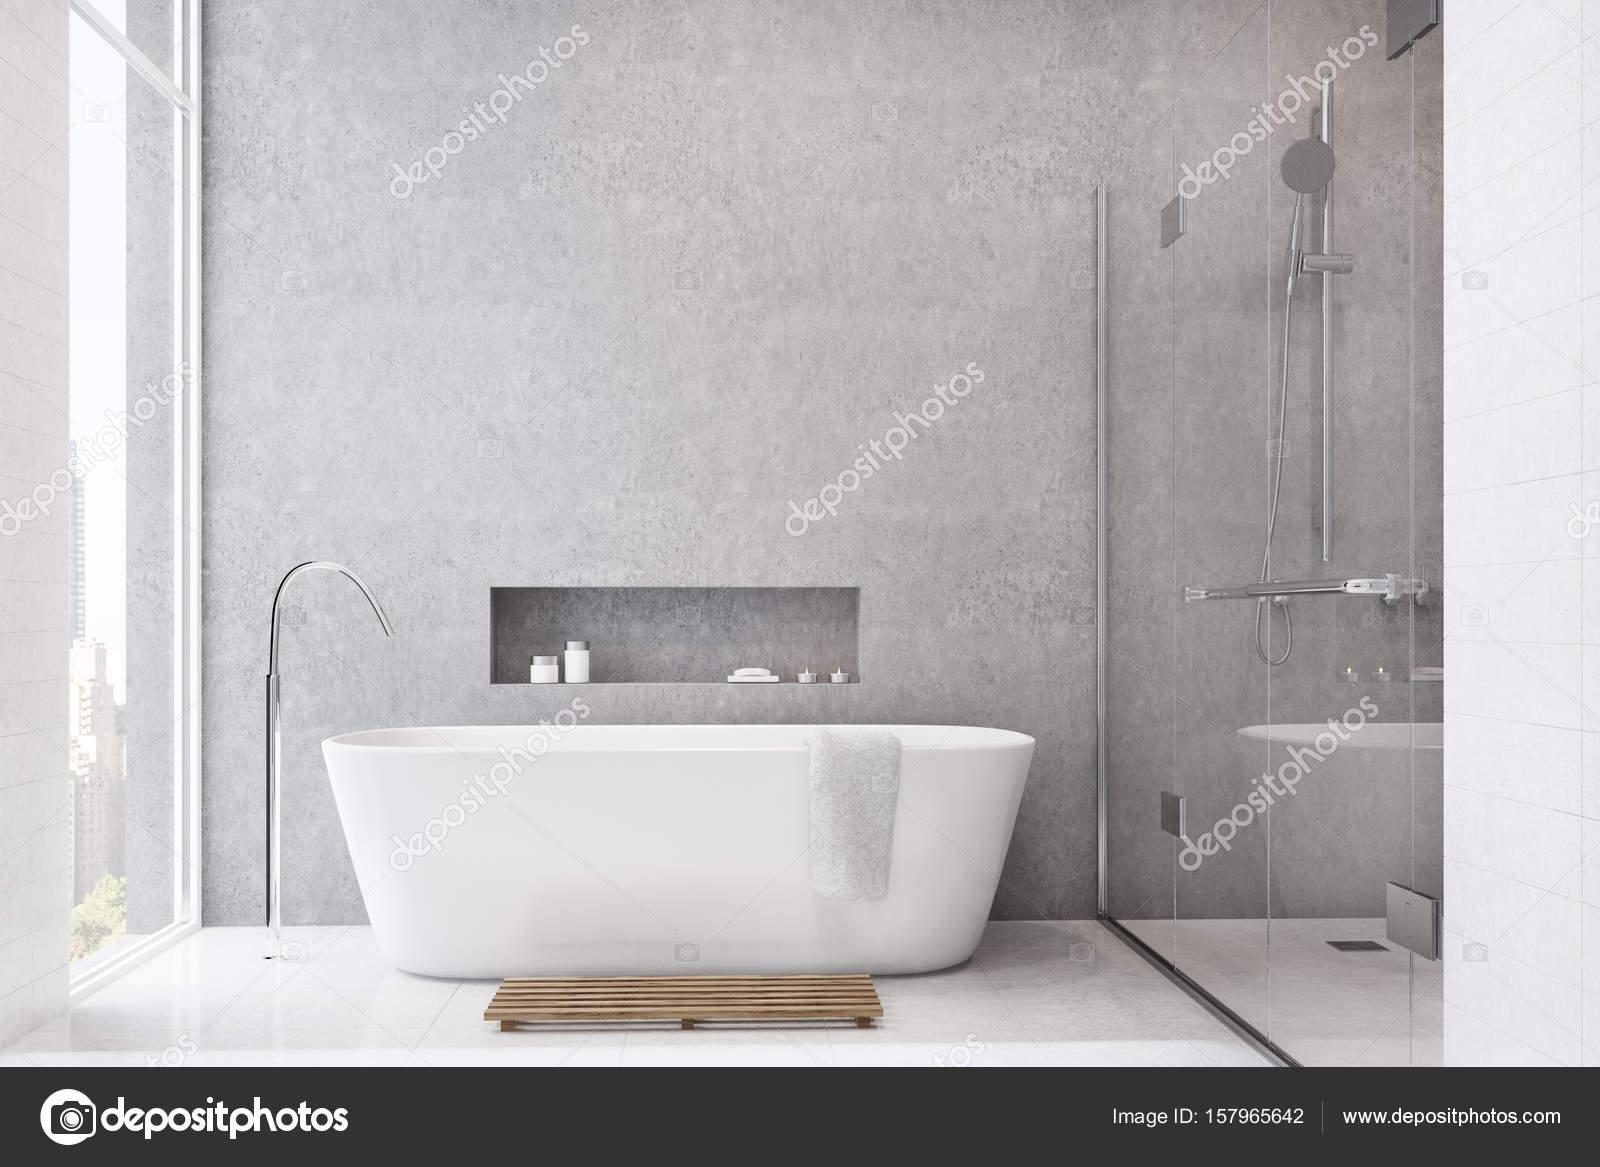 Grigio bagno piastrelle bianche doccia u foto stock